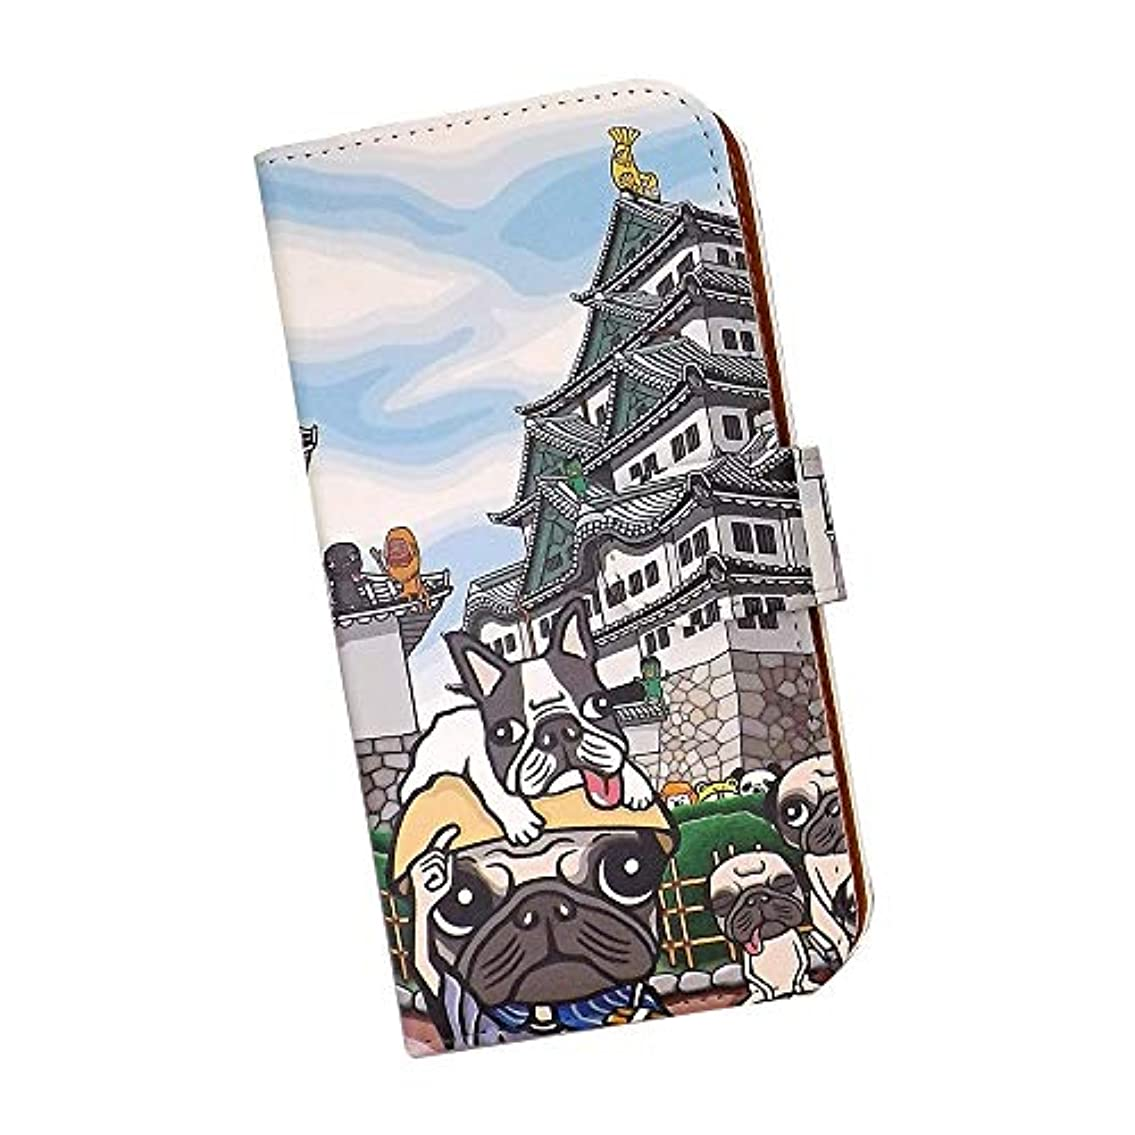 グリーンバックネクタイ冷凍庫ZenFone 5 ZE620KL SIMフリー スマホケース 手帳型 プリントケース スマホ けいすけ 名古屋 名古屋城 NAGOYA CASTLE 犬 パグ フレンチブルドッグ ご当地 しゃちほこ 鯱 (s013)